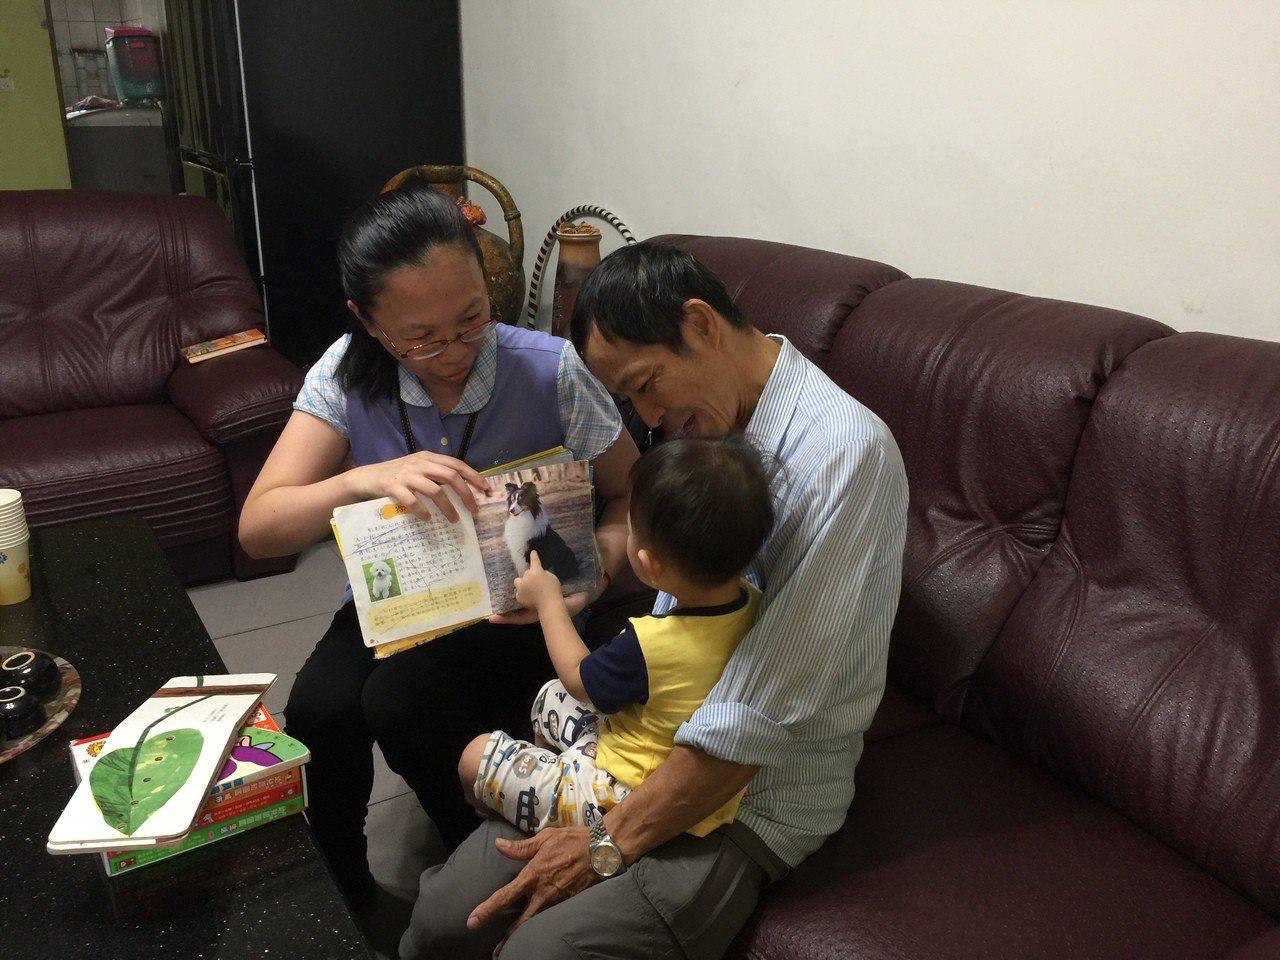 育兒指導員教導家長親子互動說故事。圖/社會處提供